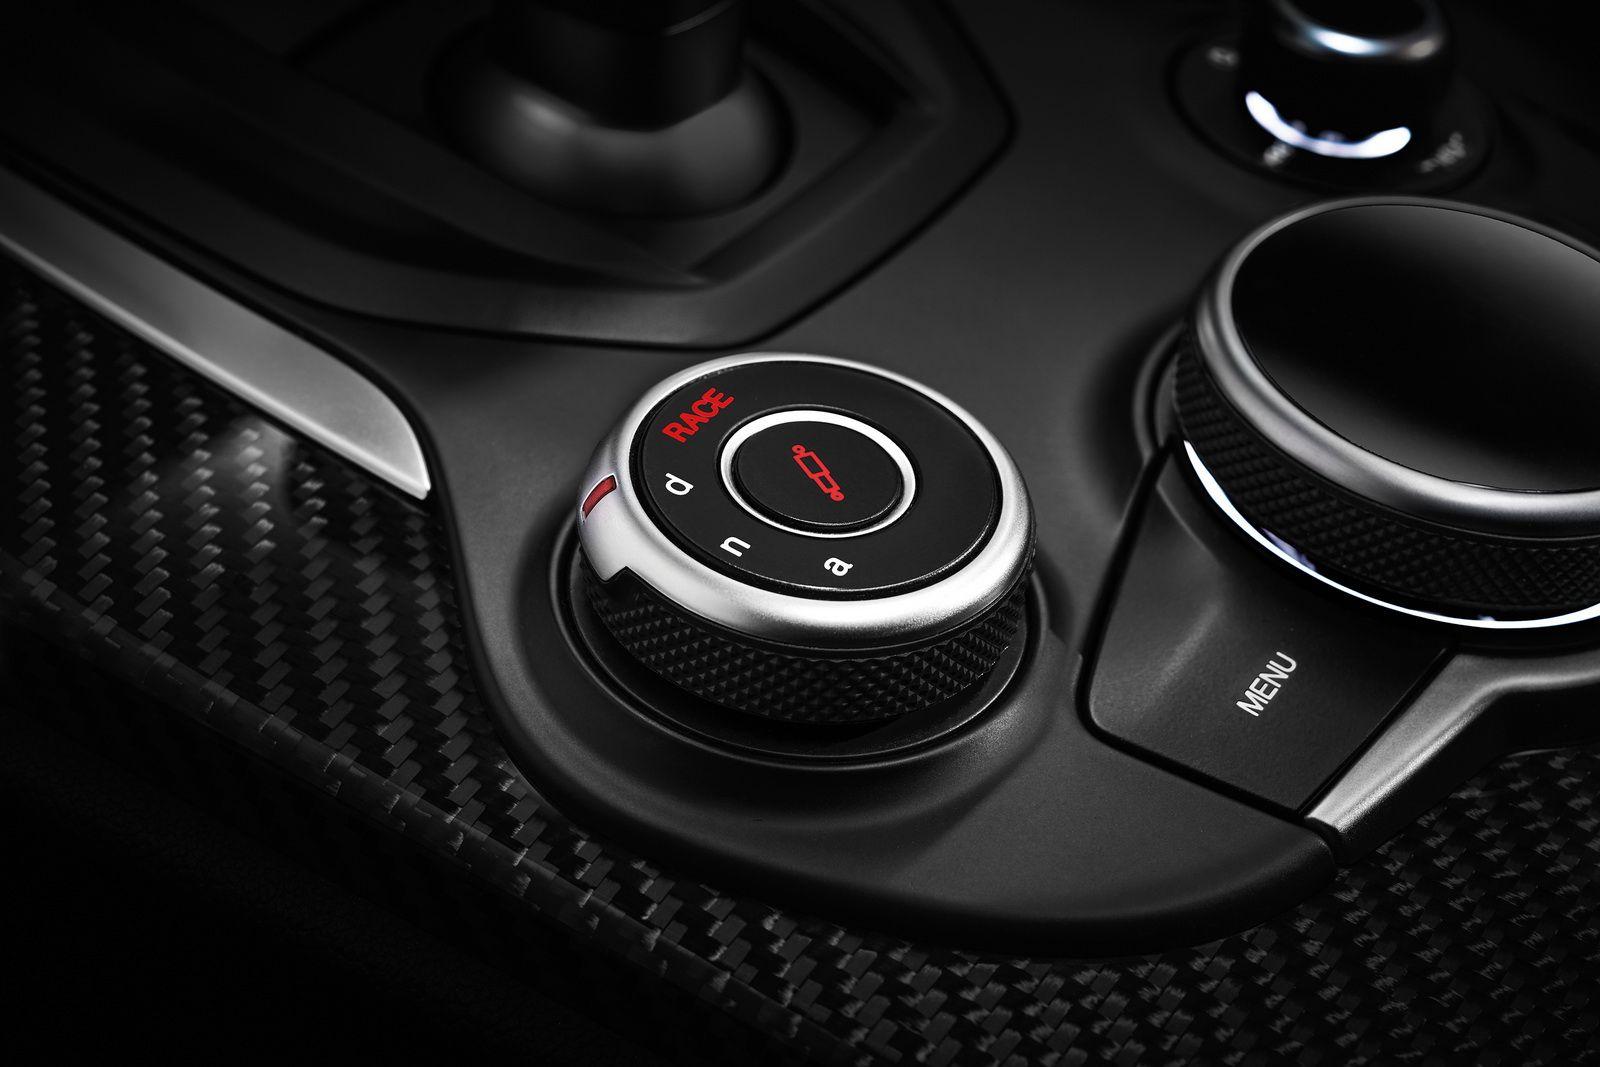 2017 Alfa Romeo Stelvio QV >>> Ferrari-derived Twin-Turbo 2,9-Liter - V6 - Motor im Topmodell Giulia gefunden, produziert 505 PS und 443 lb-ft des maximalen Drehmoments. Geradlinige Leistung ist eher erschütternd für einen SUV, mit dem Stelvio Quadrifoglio erwartet eine 0-60mph zu schreiben (0-96km / h) in 3,9 Sekunden und eine 177 Stundenmeilen (284km / h) Höchstgeschwindigkeit.